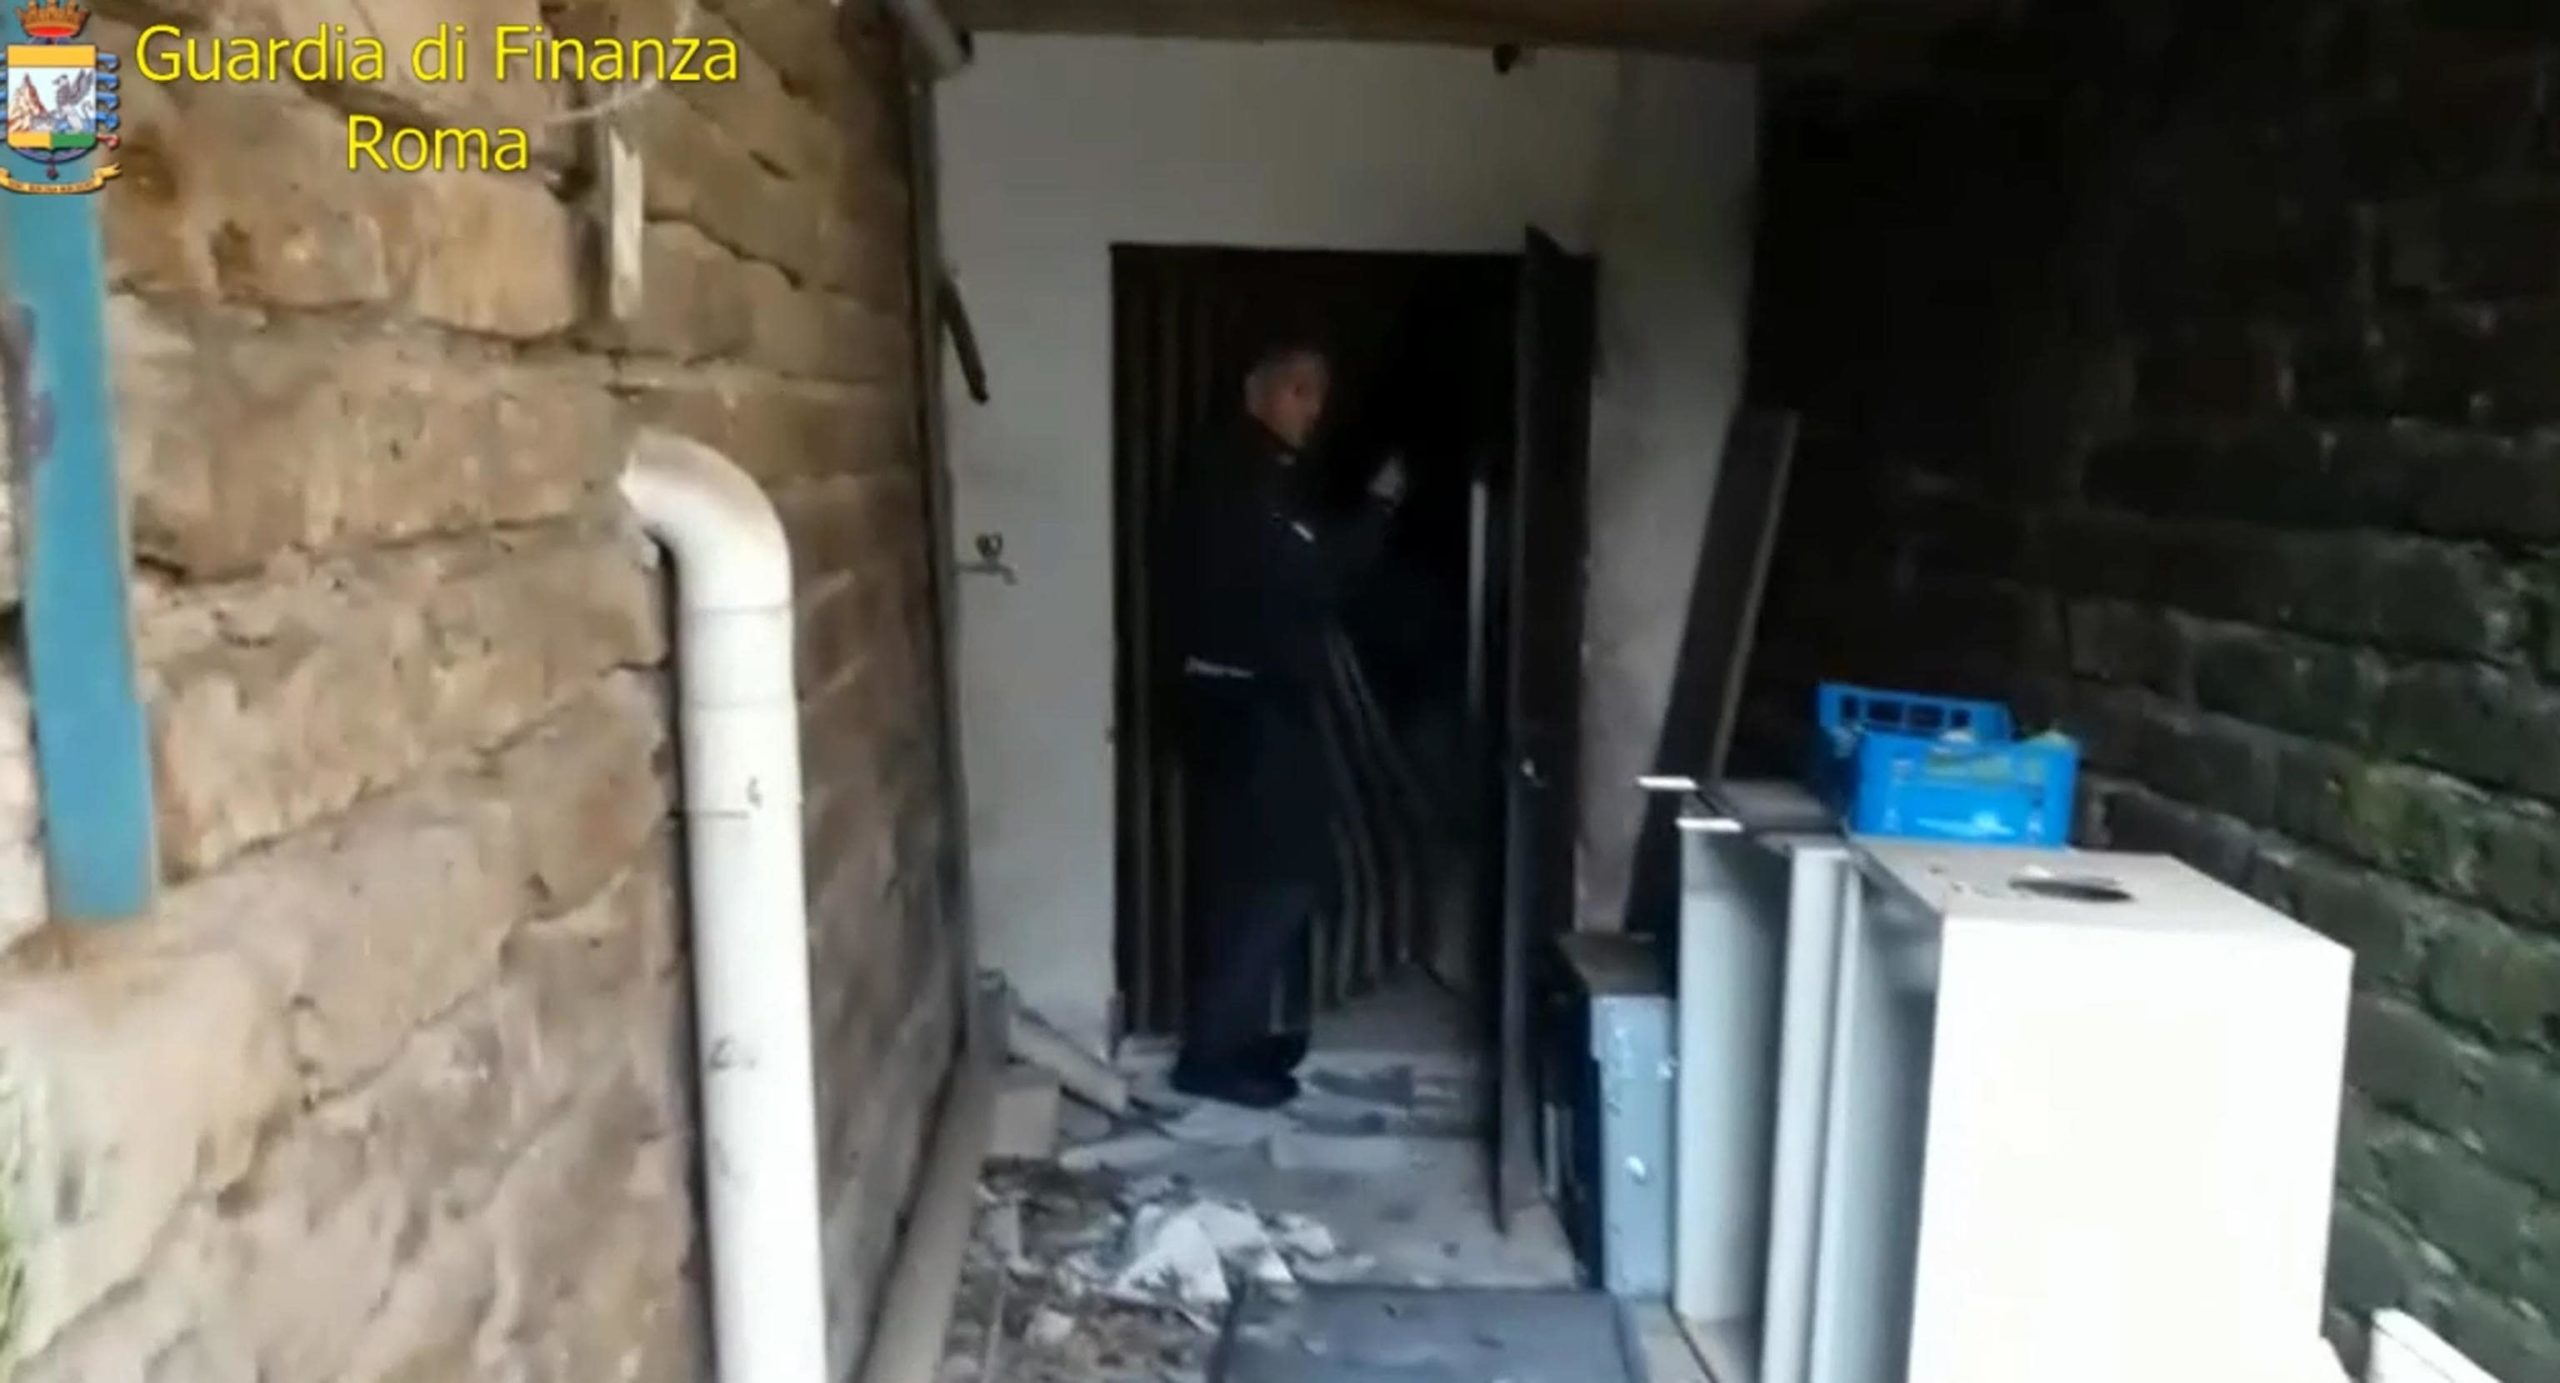 Nella struttura di Velletri e in quella di Albano Laziale, le Forze dell'ordine hanno trovato rispettivamente tre anziani e sette persone in età avanzata; in entrambe le strutture gli ospiti erano in pessime condizioni igienico-sanitarie.